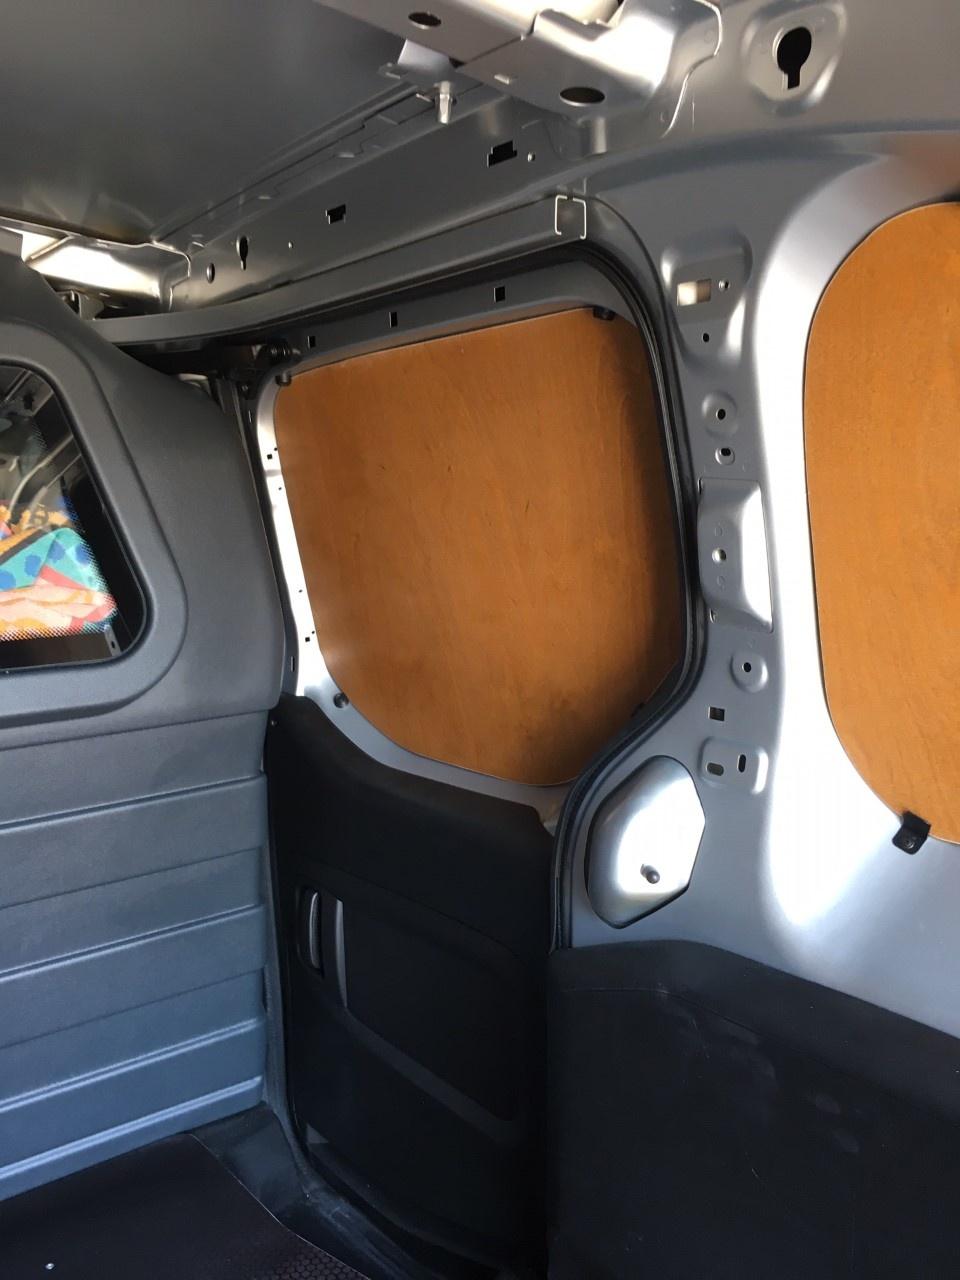 Wandbetimmering Peugeot Partnervanaf 2019 L1 uitvoering met enkele schuifdeur